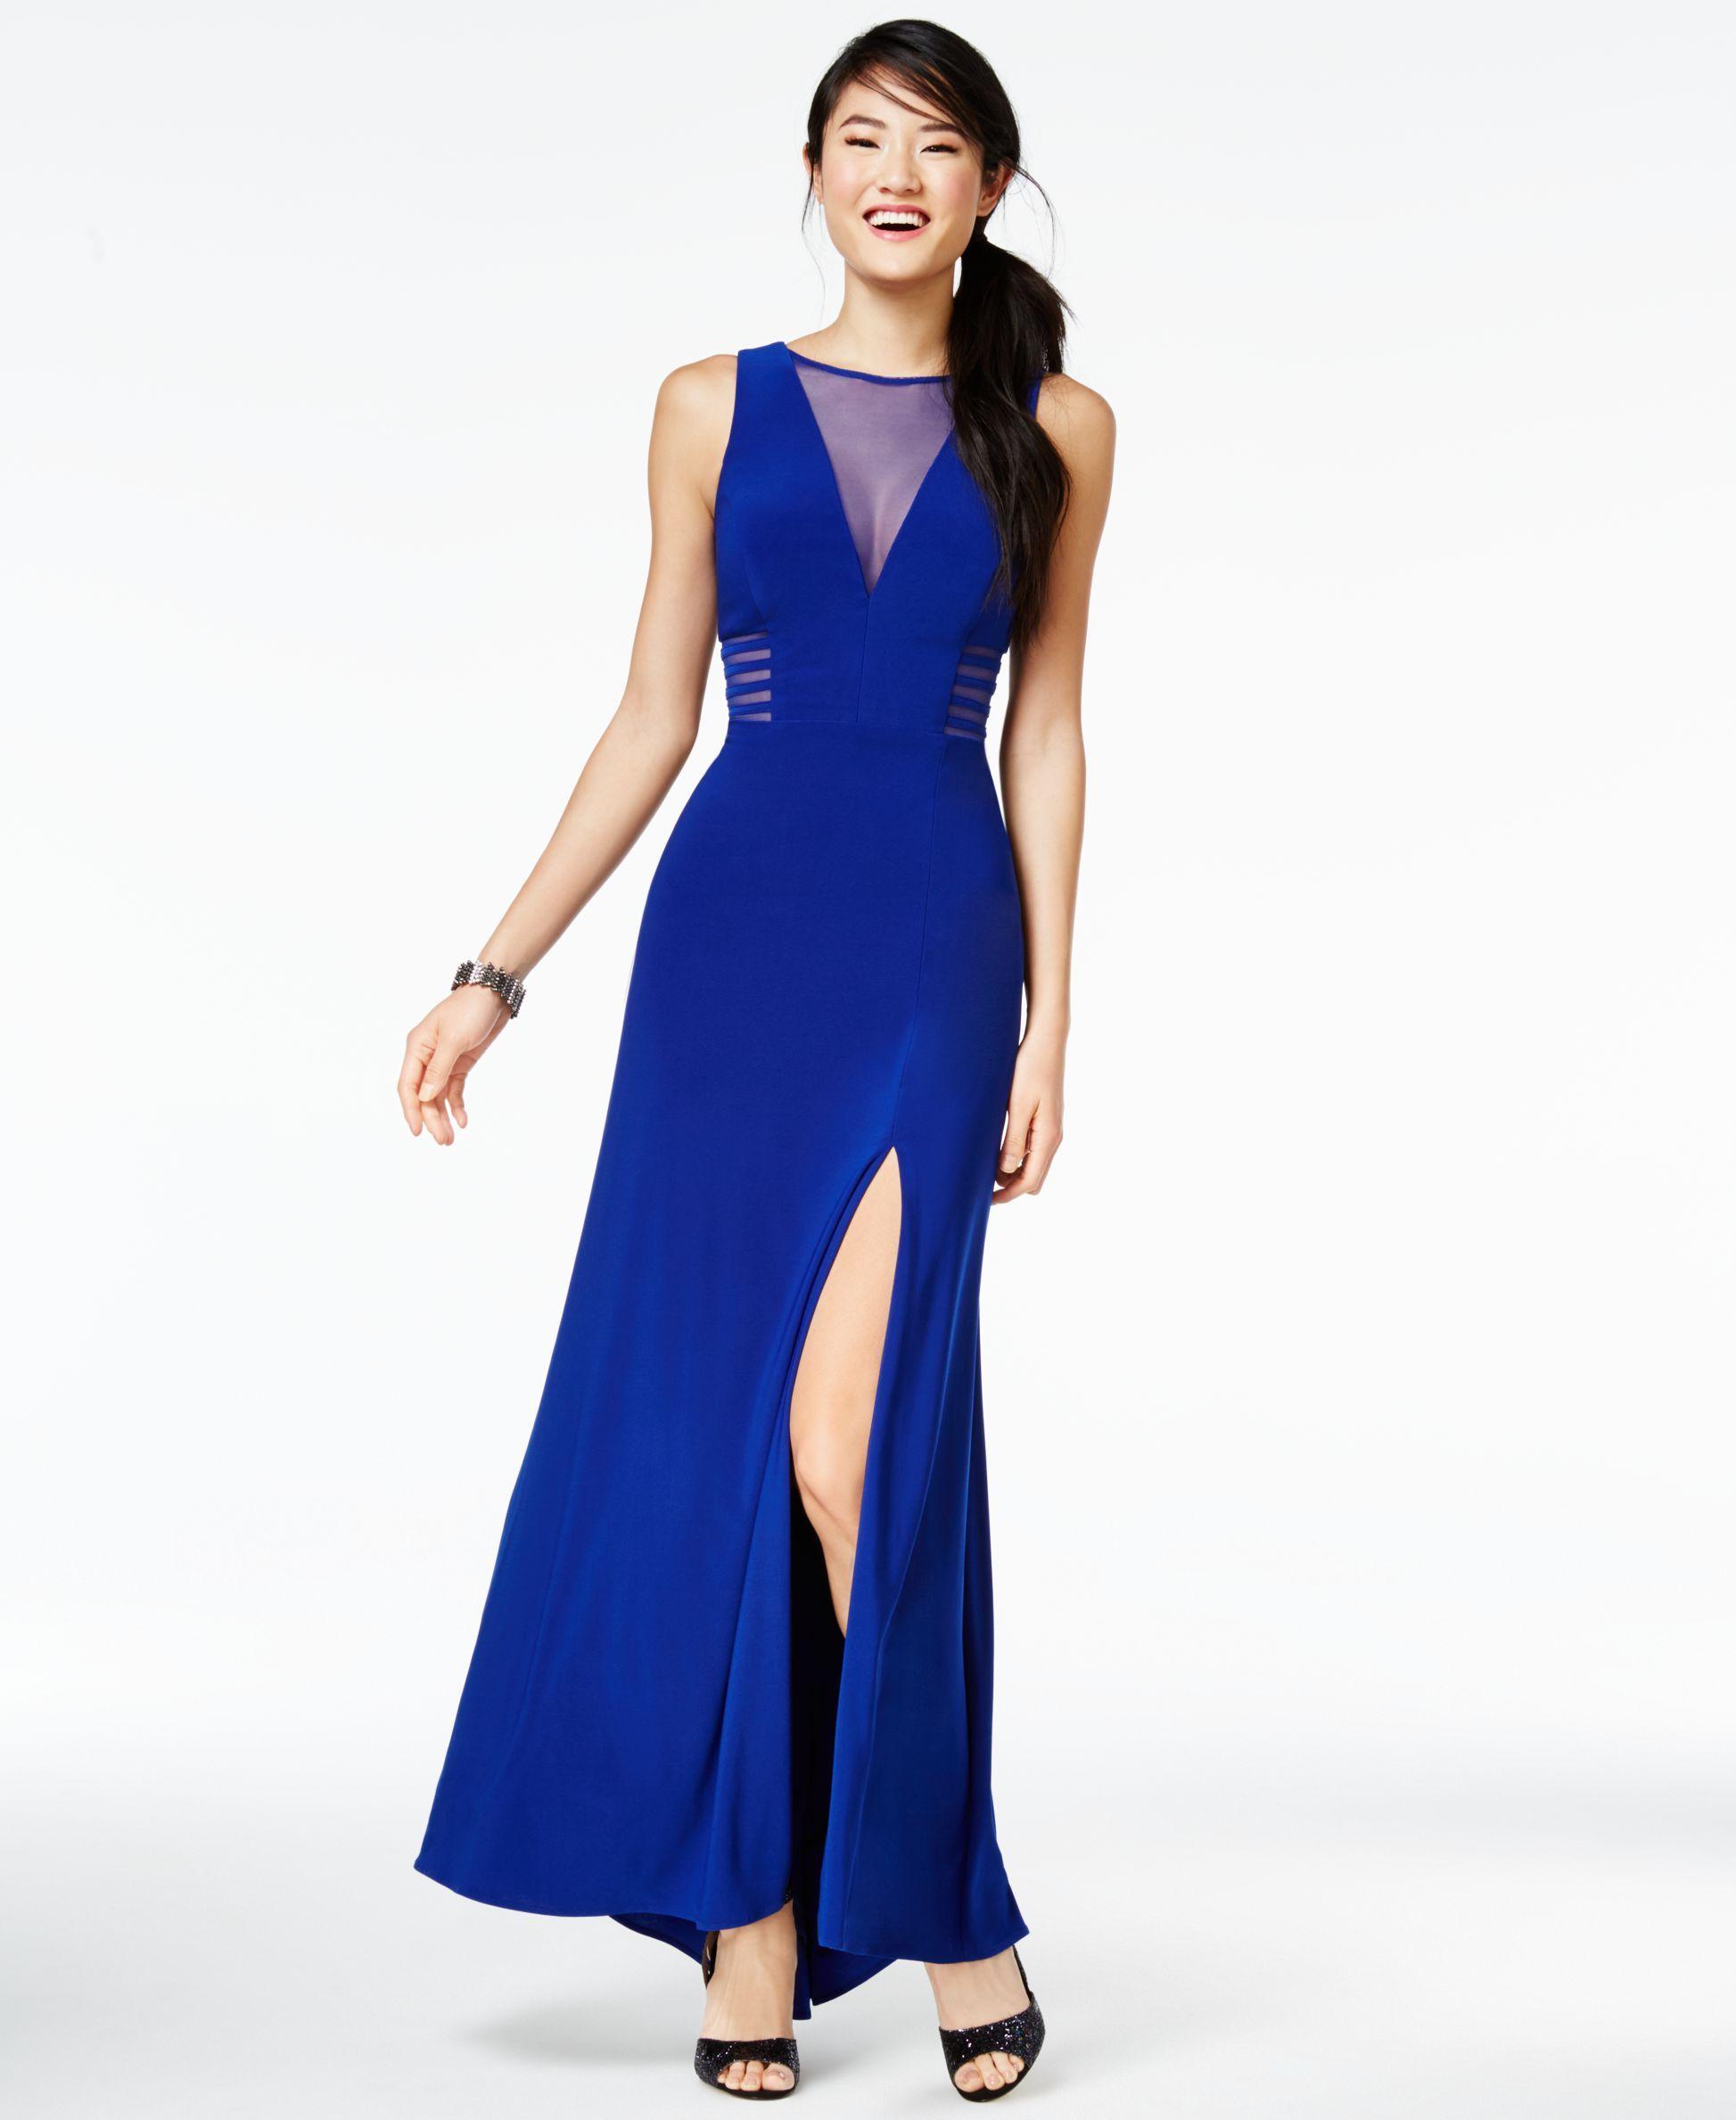 Morgan u company juniorsu illusion frontslit aline gown